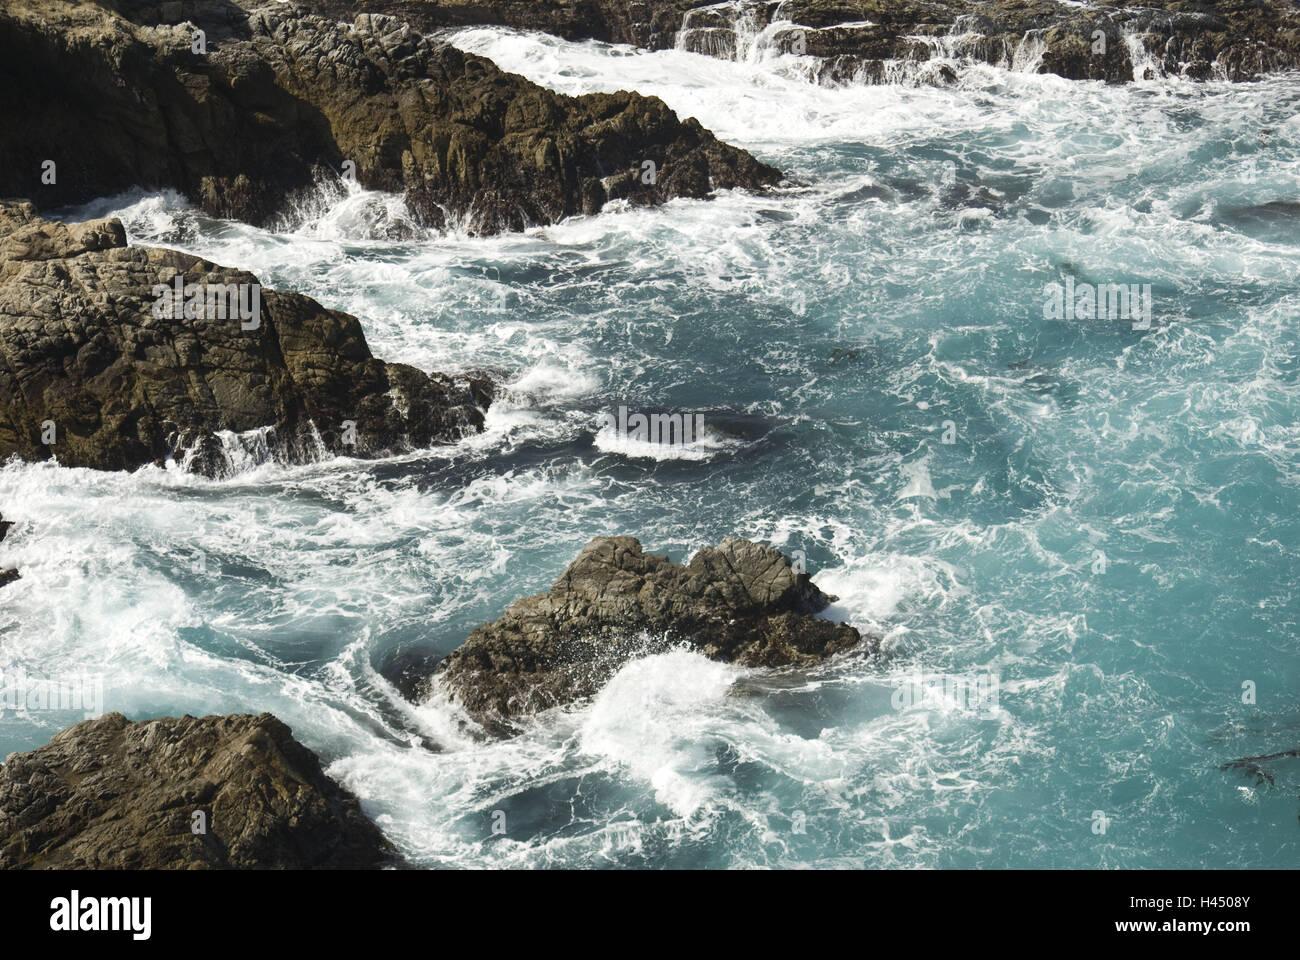 Los EE.UU., California, Carmel, párrafo costeros, en el Pacífico, Foto de stock